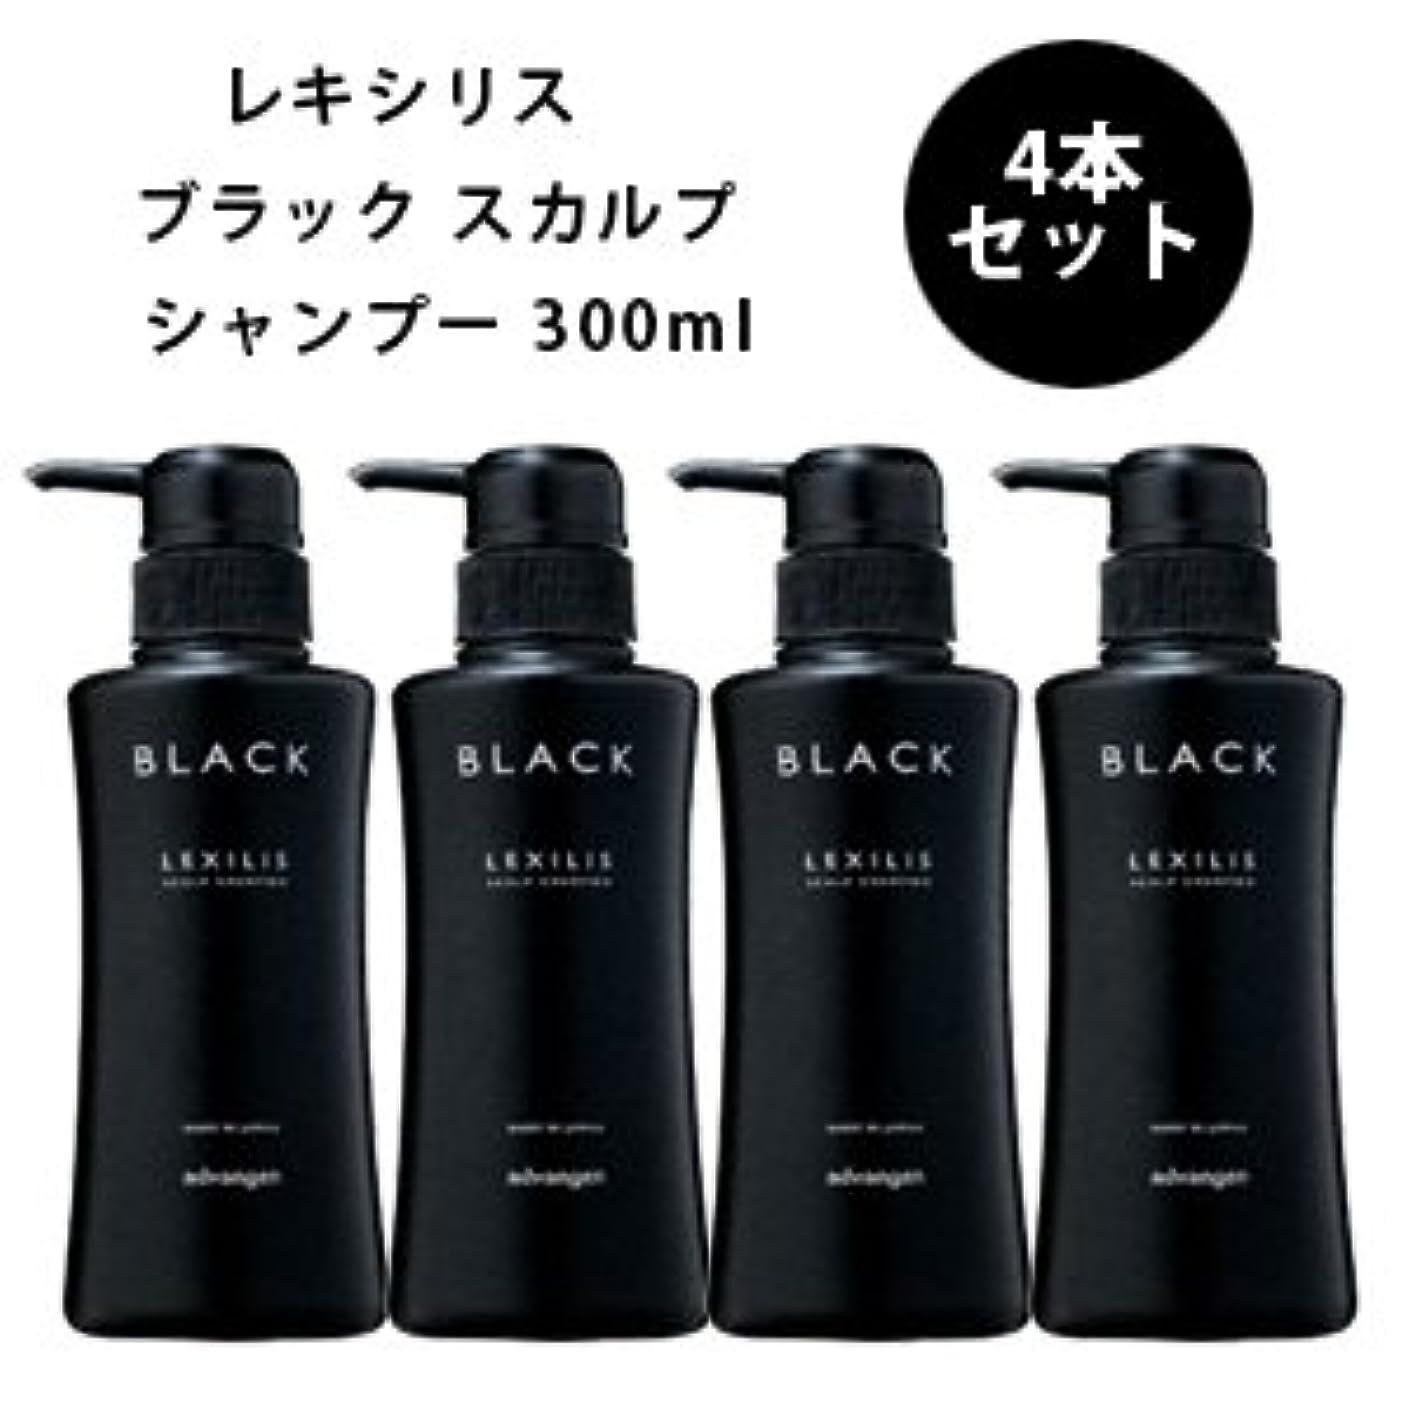 情報起点たくさんのレキシリス ブラック スカルプシャンプー 300ml 4本セット